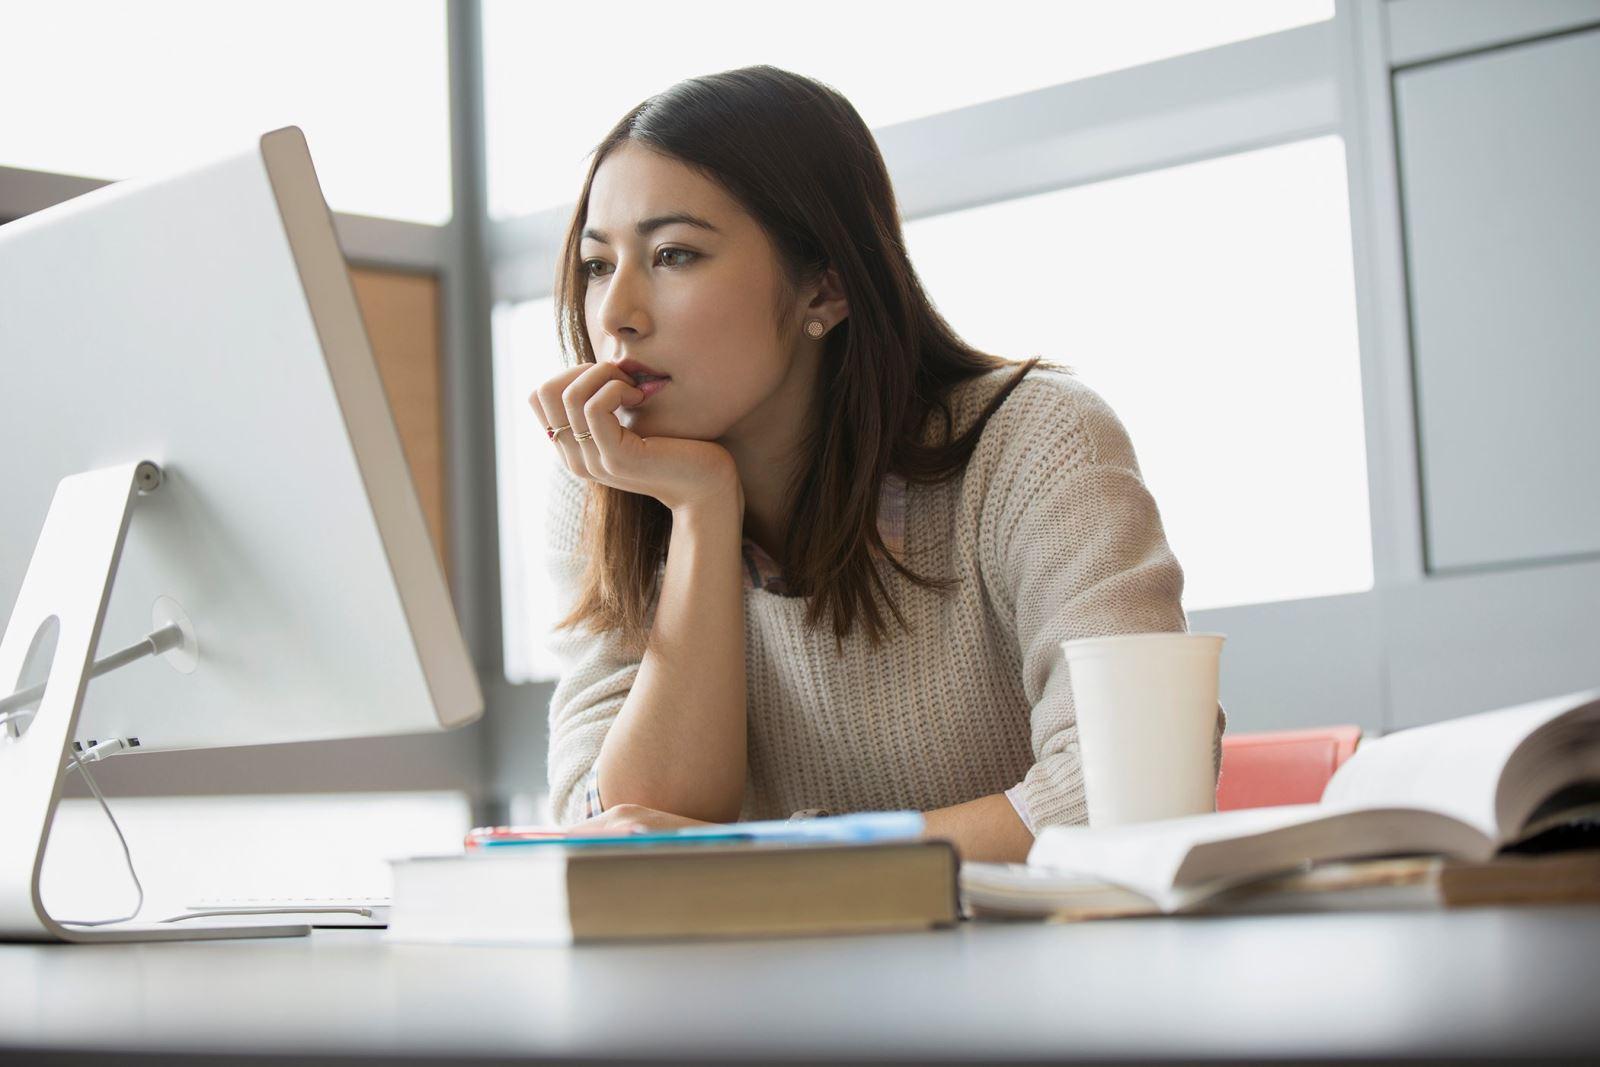 Đứng, ngồi quá lâu là thói quen xấu gây ra bệnh trĩ